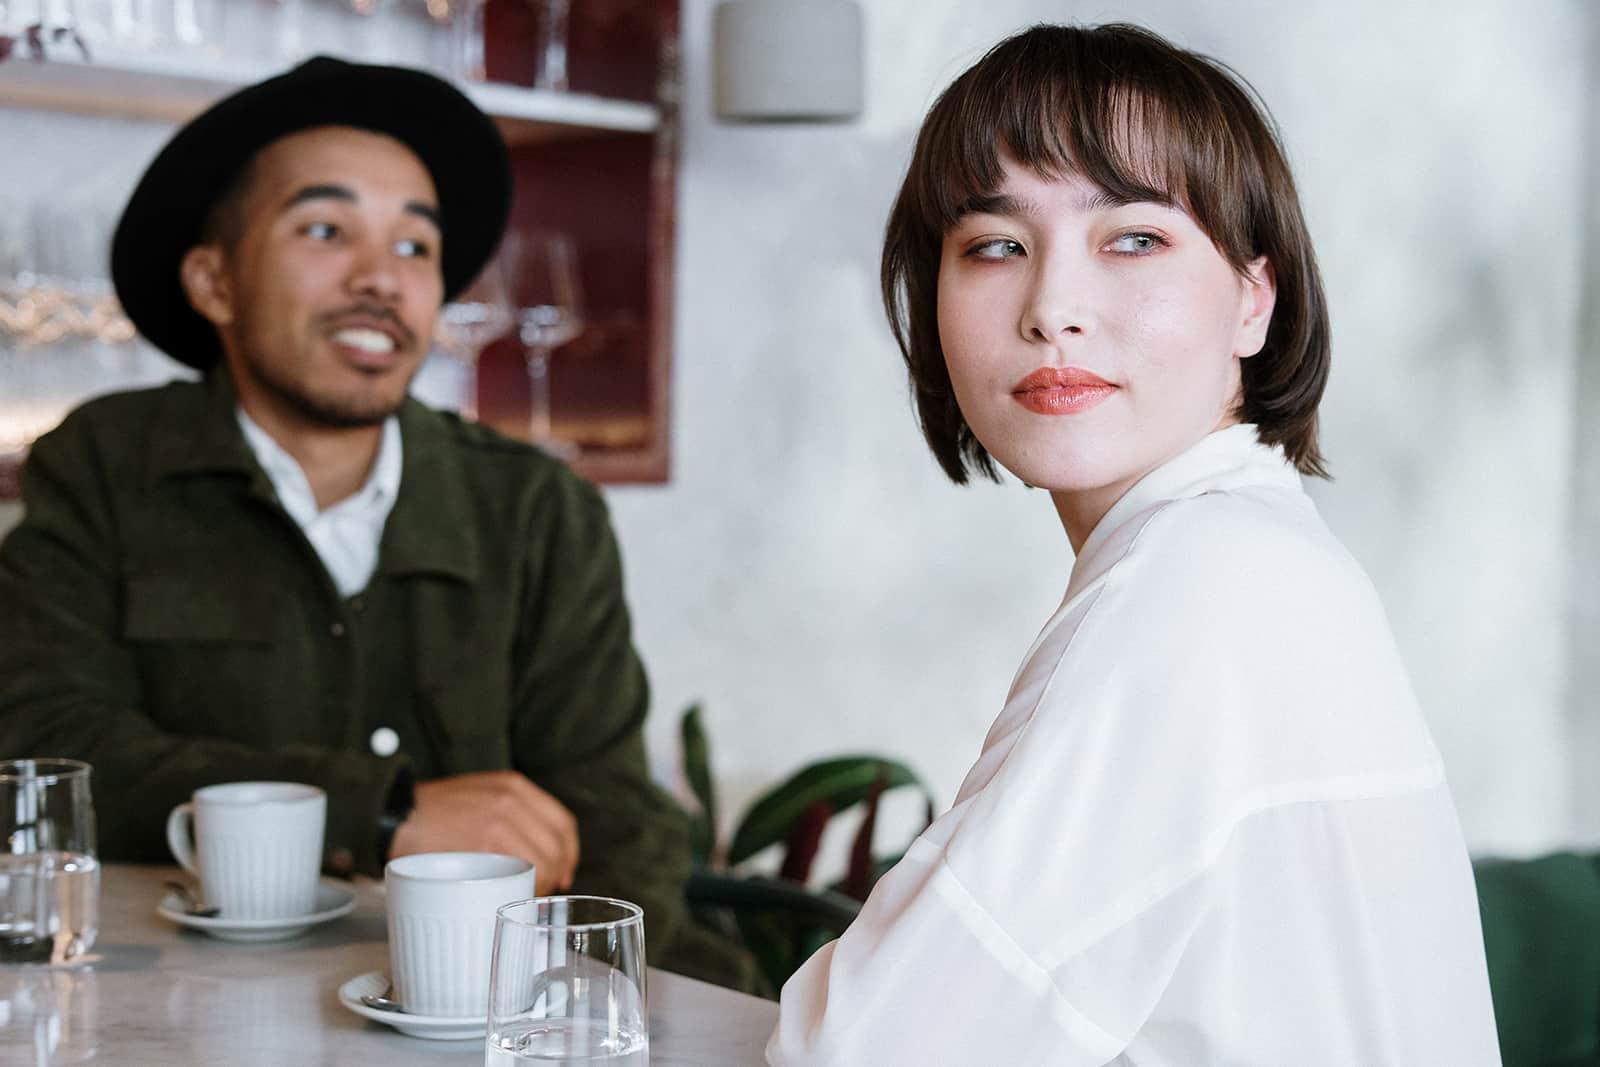 eine nachdenkliche Frau, die den Kopf von einem Mann abwendet, der mit ihr im Café spricht